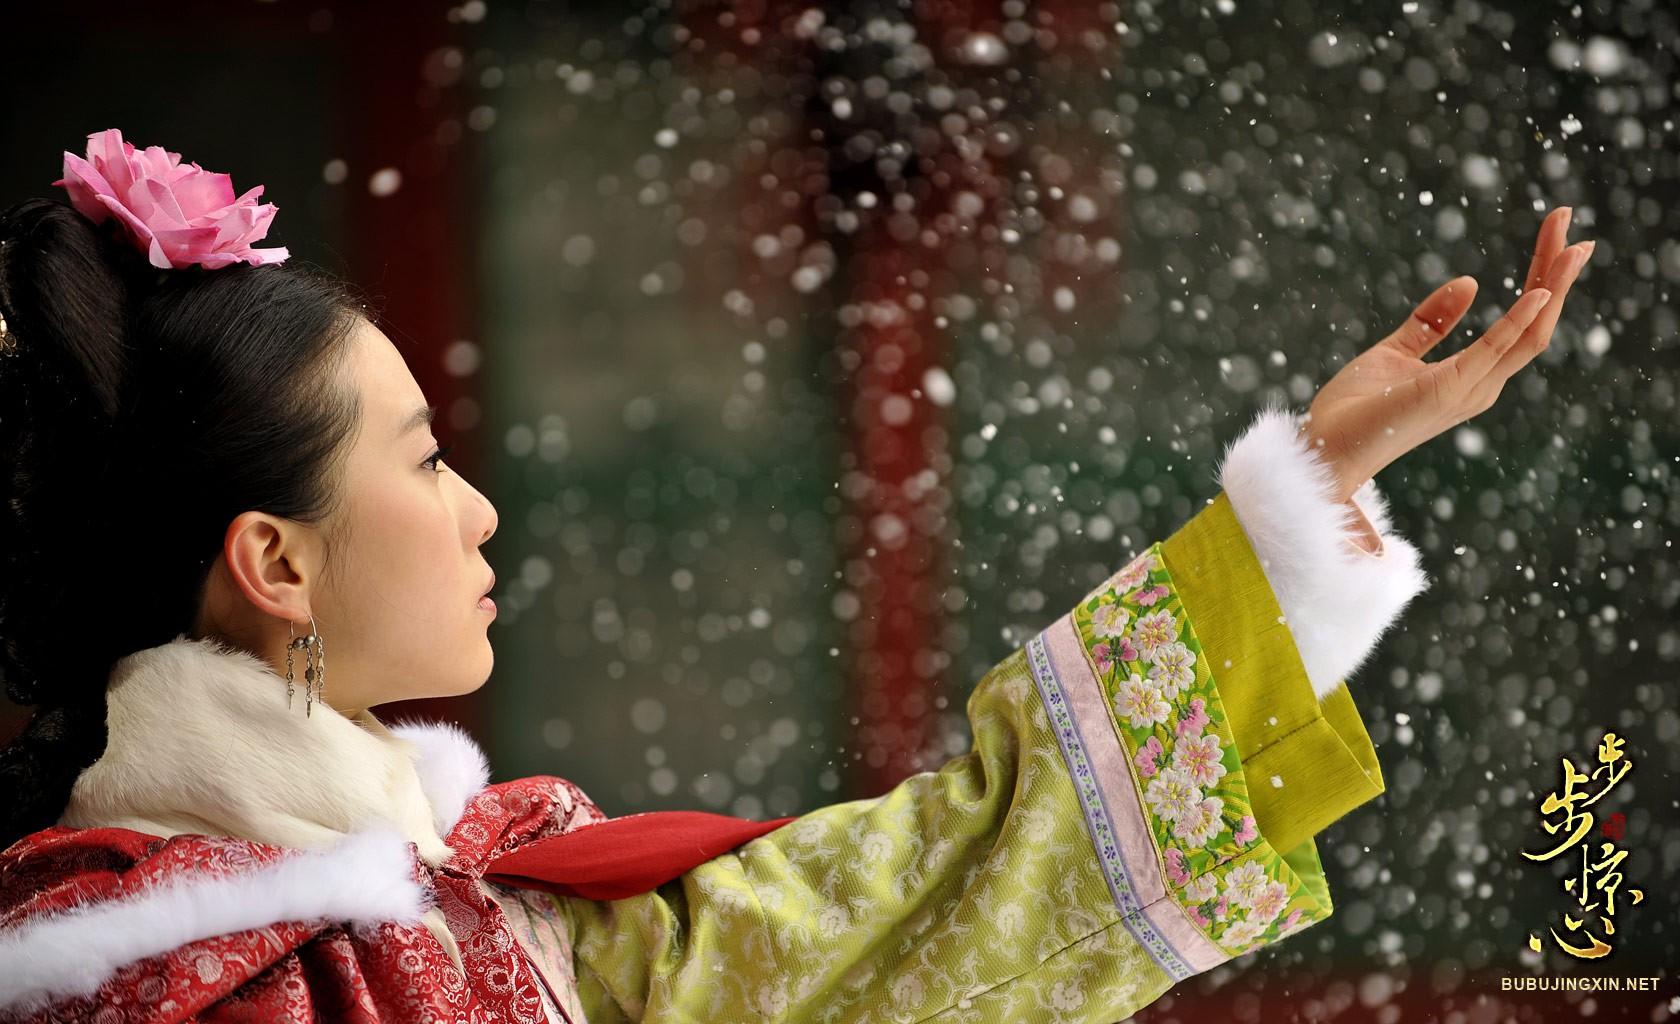 8 truyền kỳ phim cung đấu từng làm mưa làm gió trên màn ảnh xứ Trung (Phần 1) - Ảnh 6.